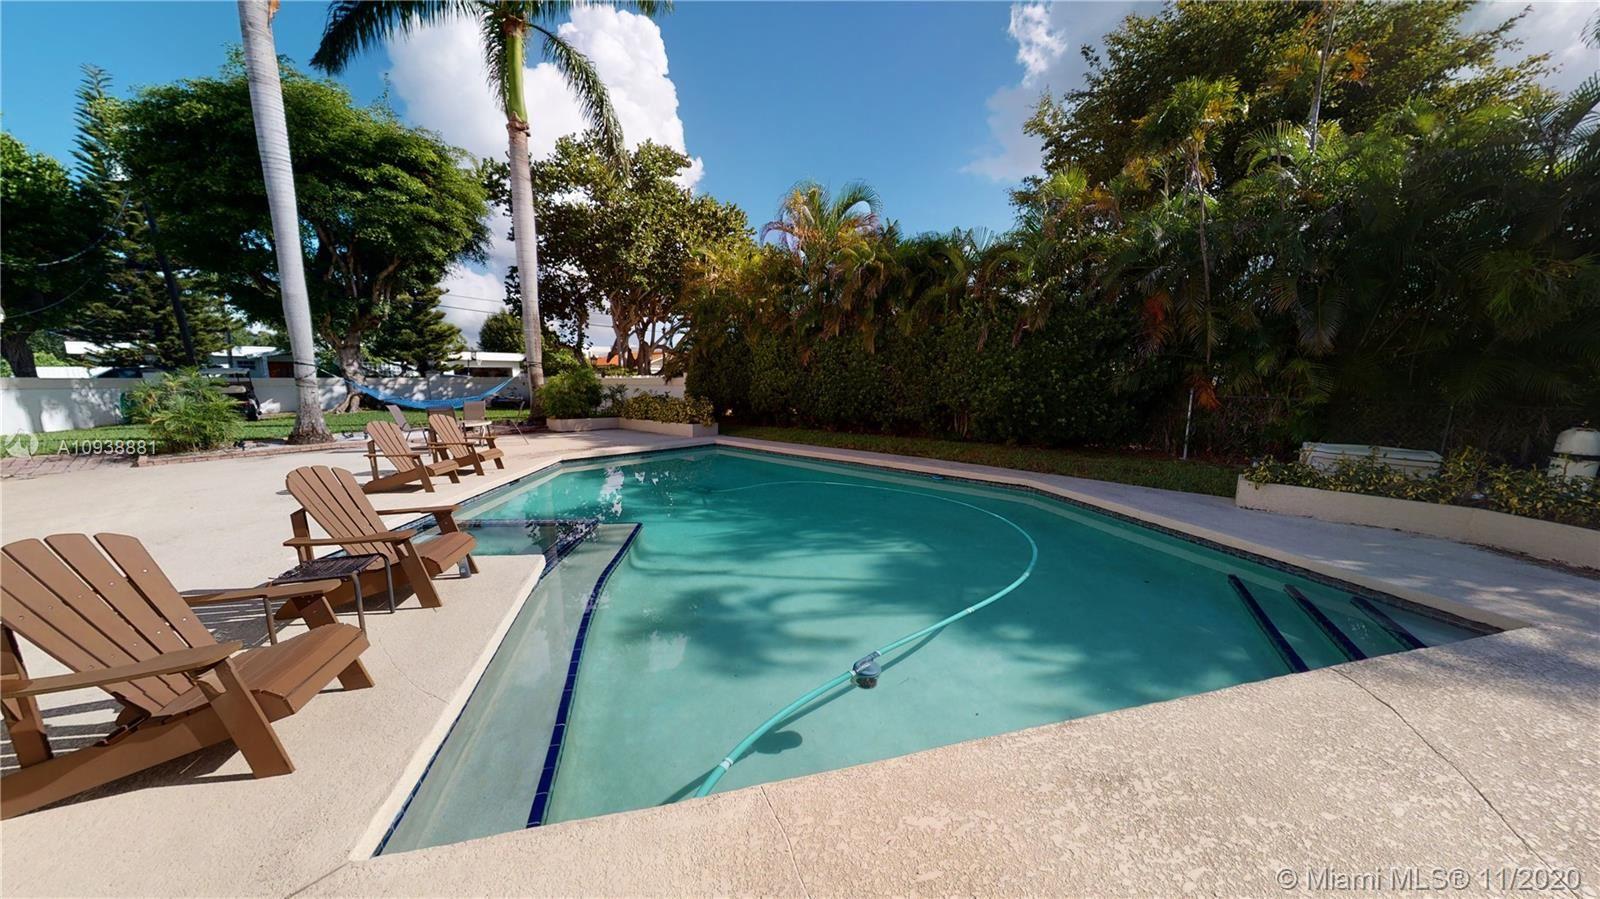 2420 NE 196th St, Miami, FL 33180 - #: A10938881